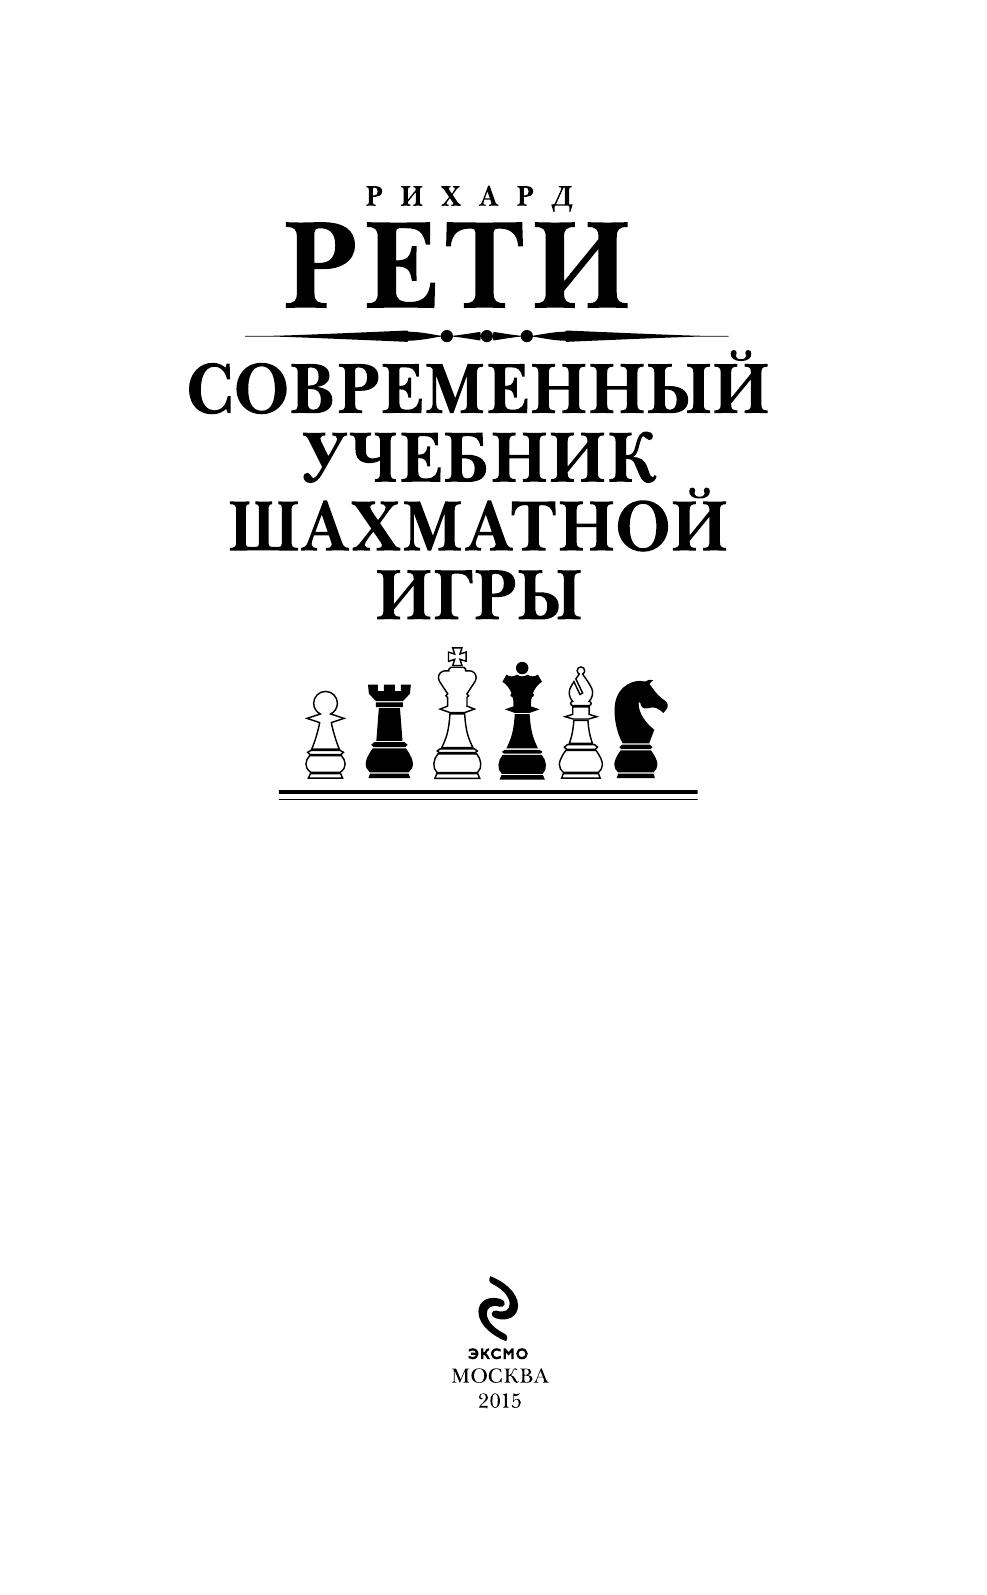 Современный учебник javascript pdf